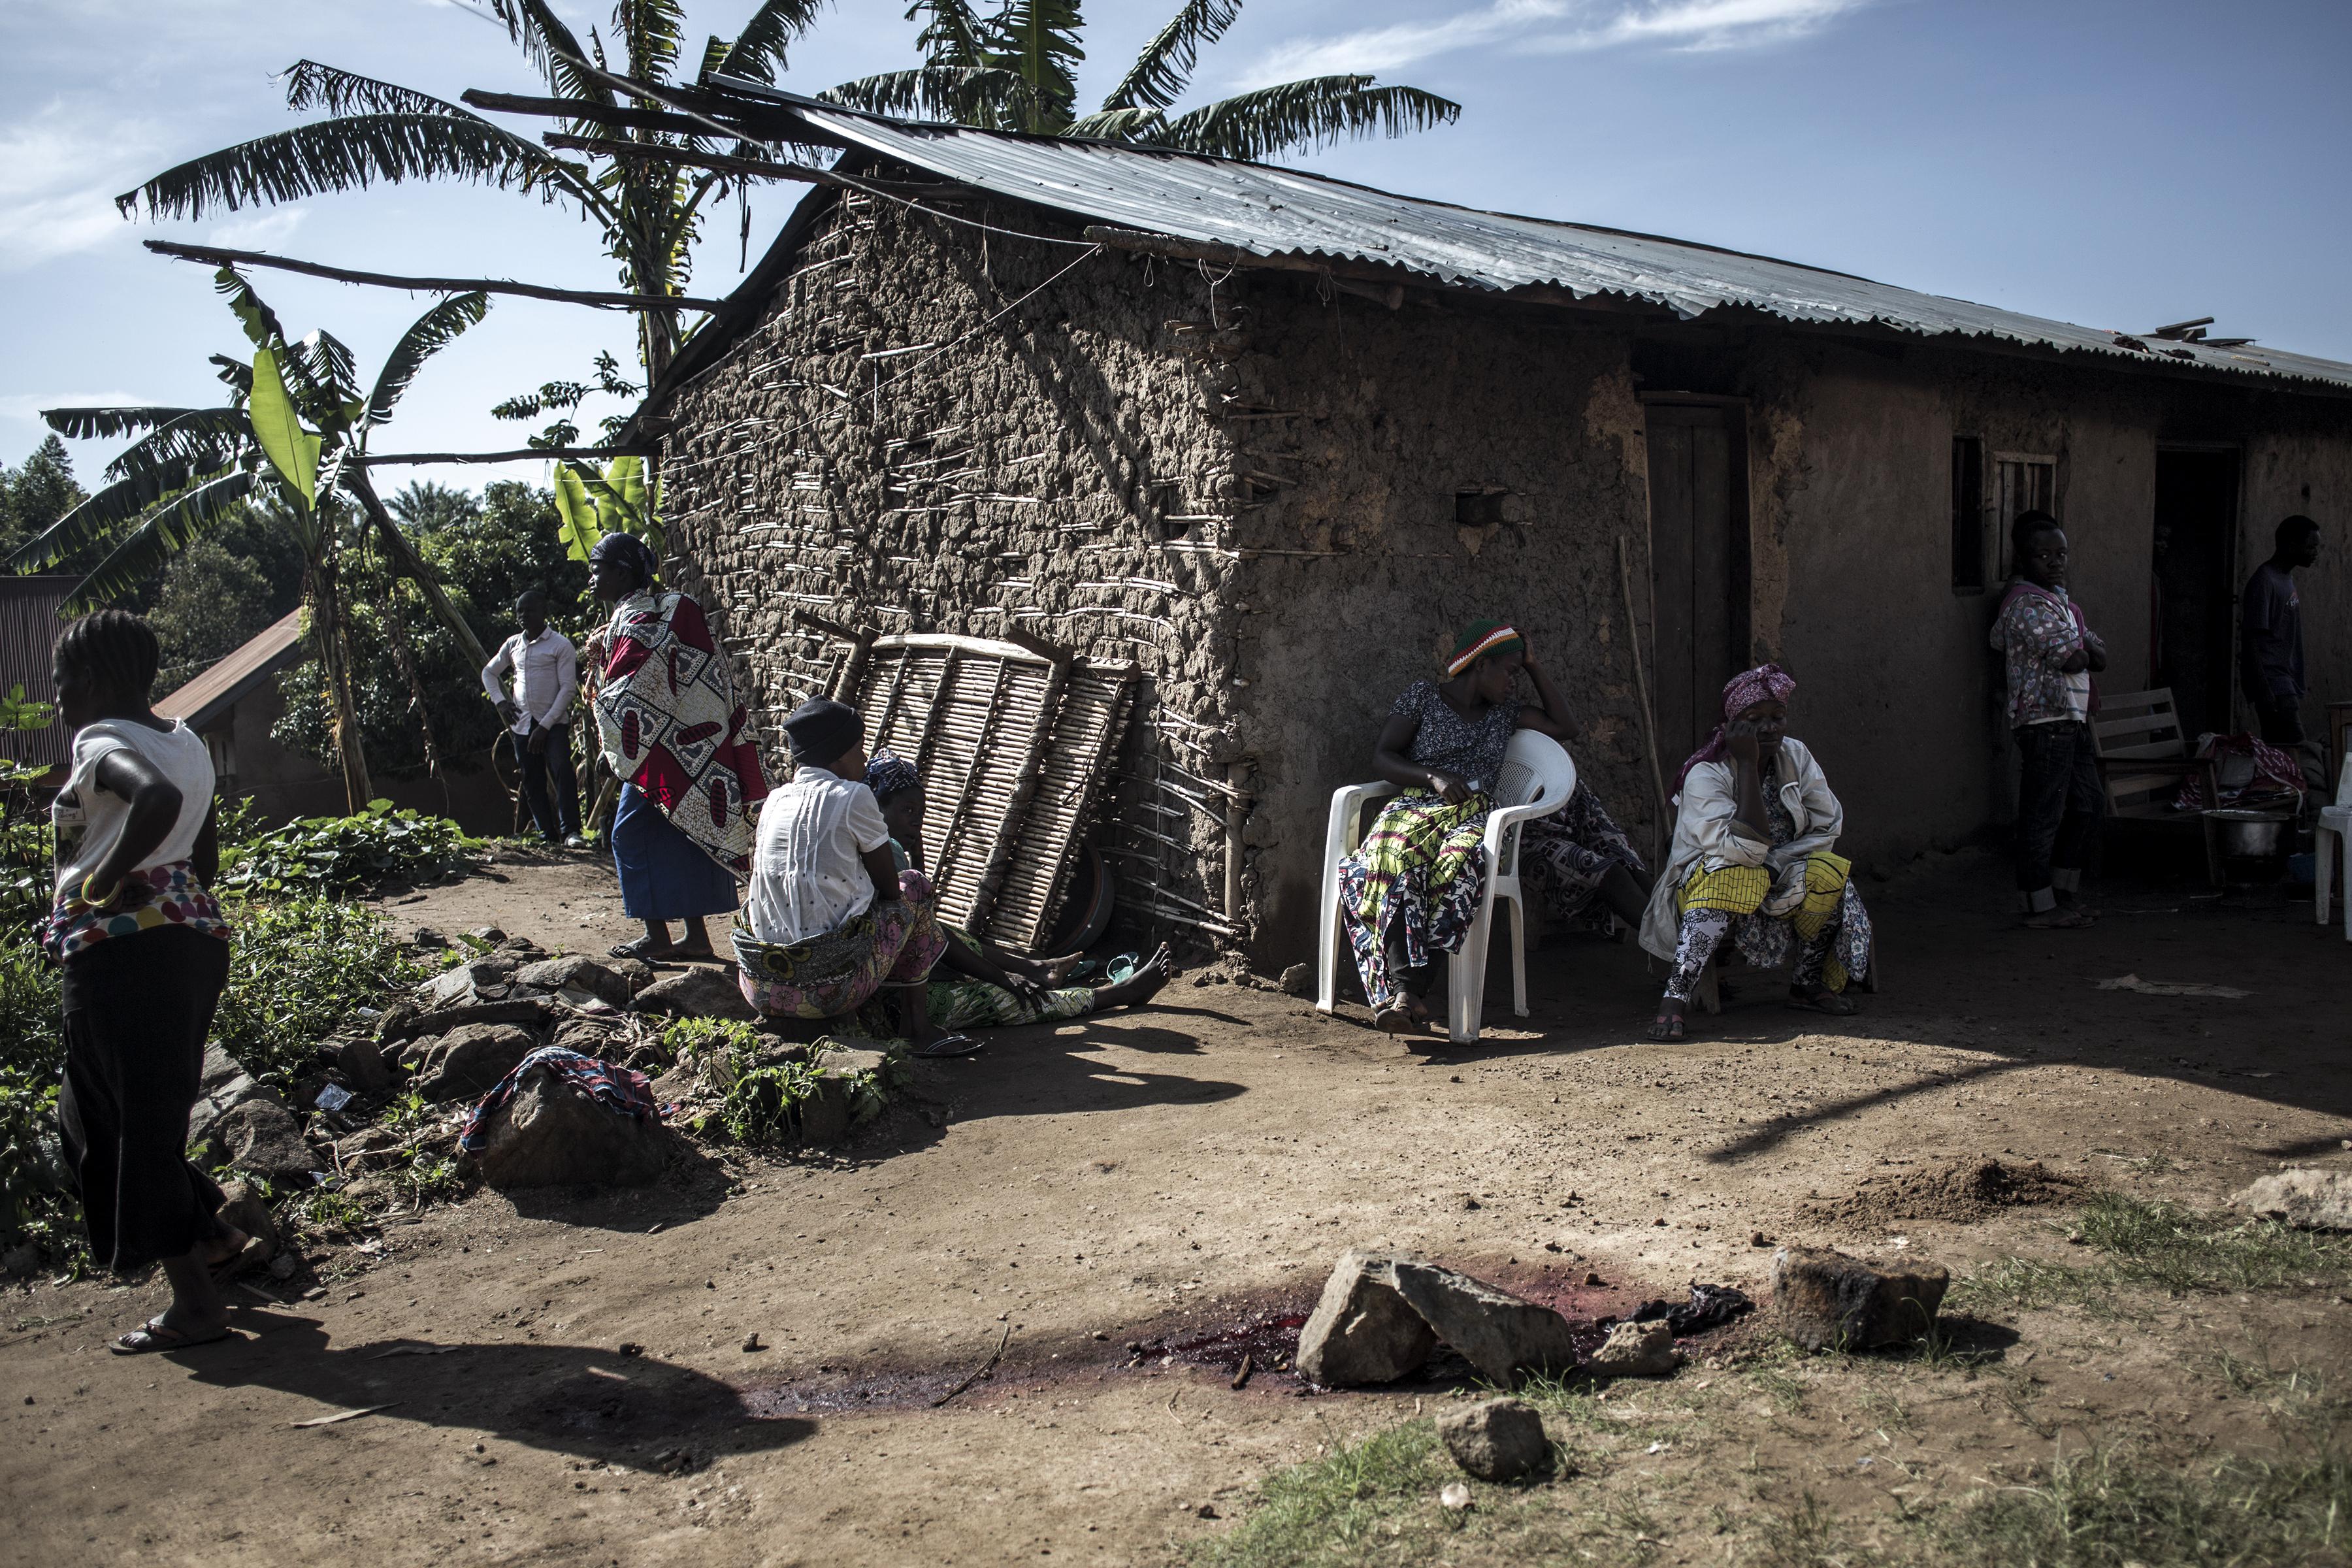 La República Democrática del Congo ha estado afectada por una interminable guerra civil, una creciente inestabilidad política y pobreza extrema (Photo by John WESSELS / AFP)